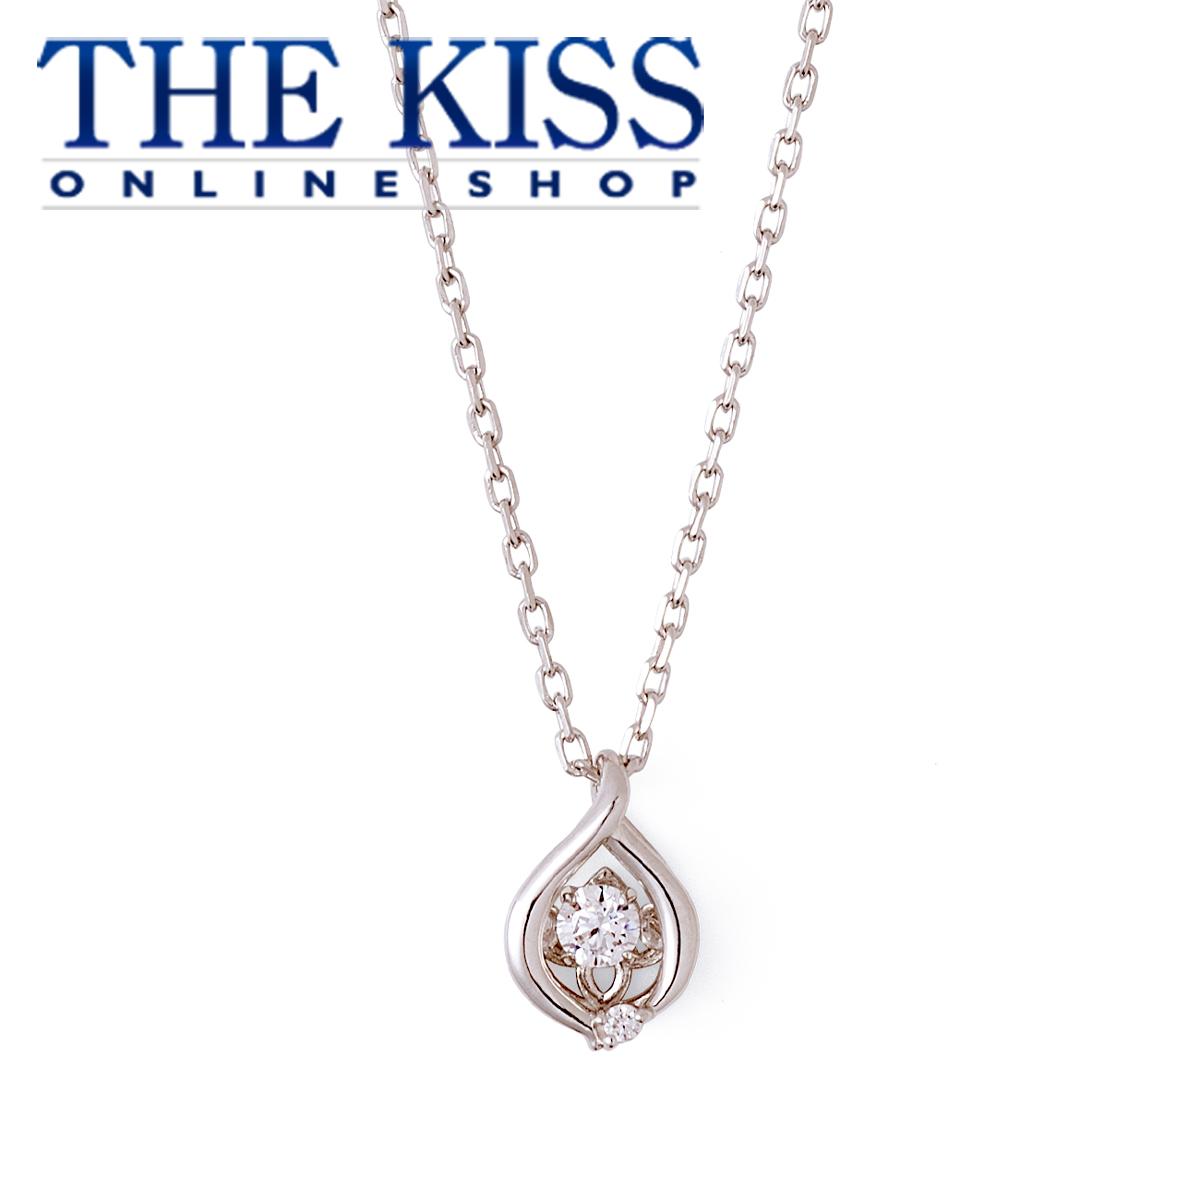 【あす楽対応】THE KISS 公式サイト シルバー ネックレス レディースジュエリー・アクセサリー ジュエリーブランド THEKISS ネックレス・ペンダント 記念日 プレゼント SPD5001DM ザキス 【送料無料】